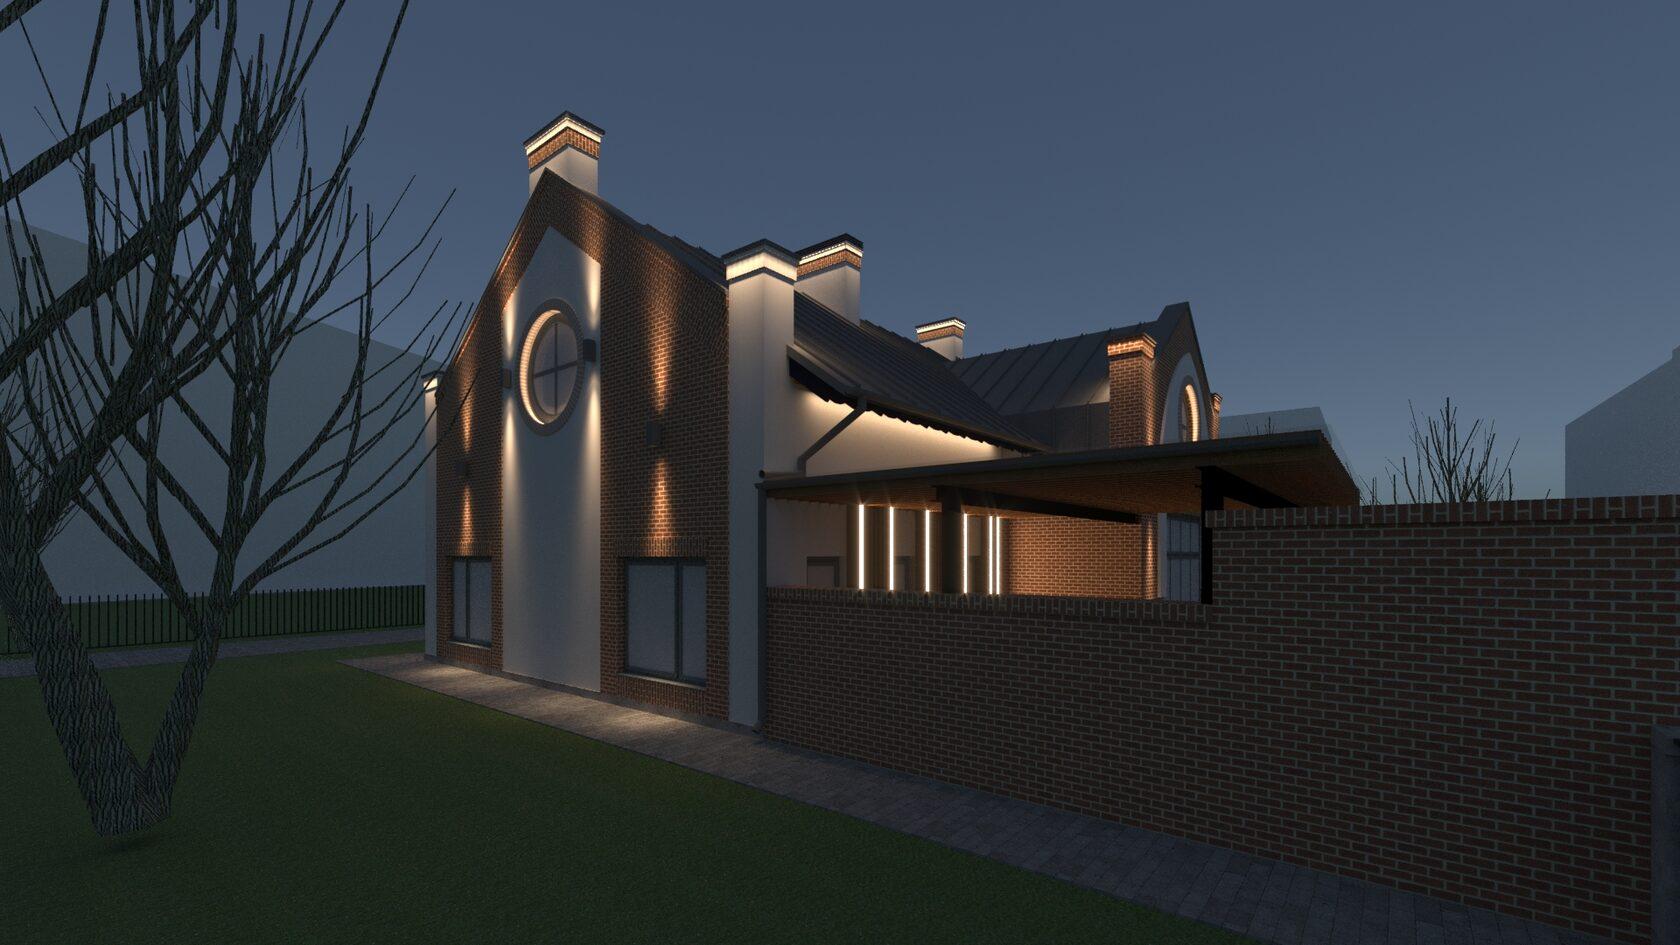 Итоговая световая композиция на фасаде